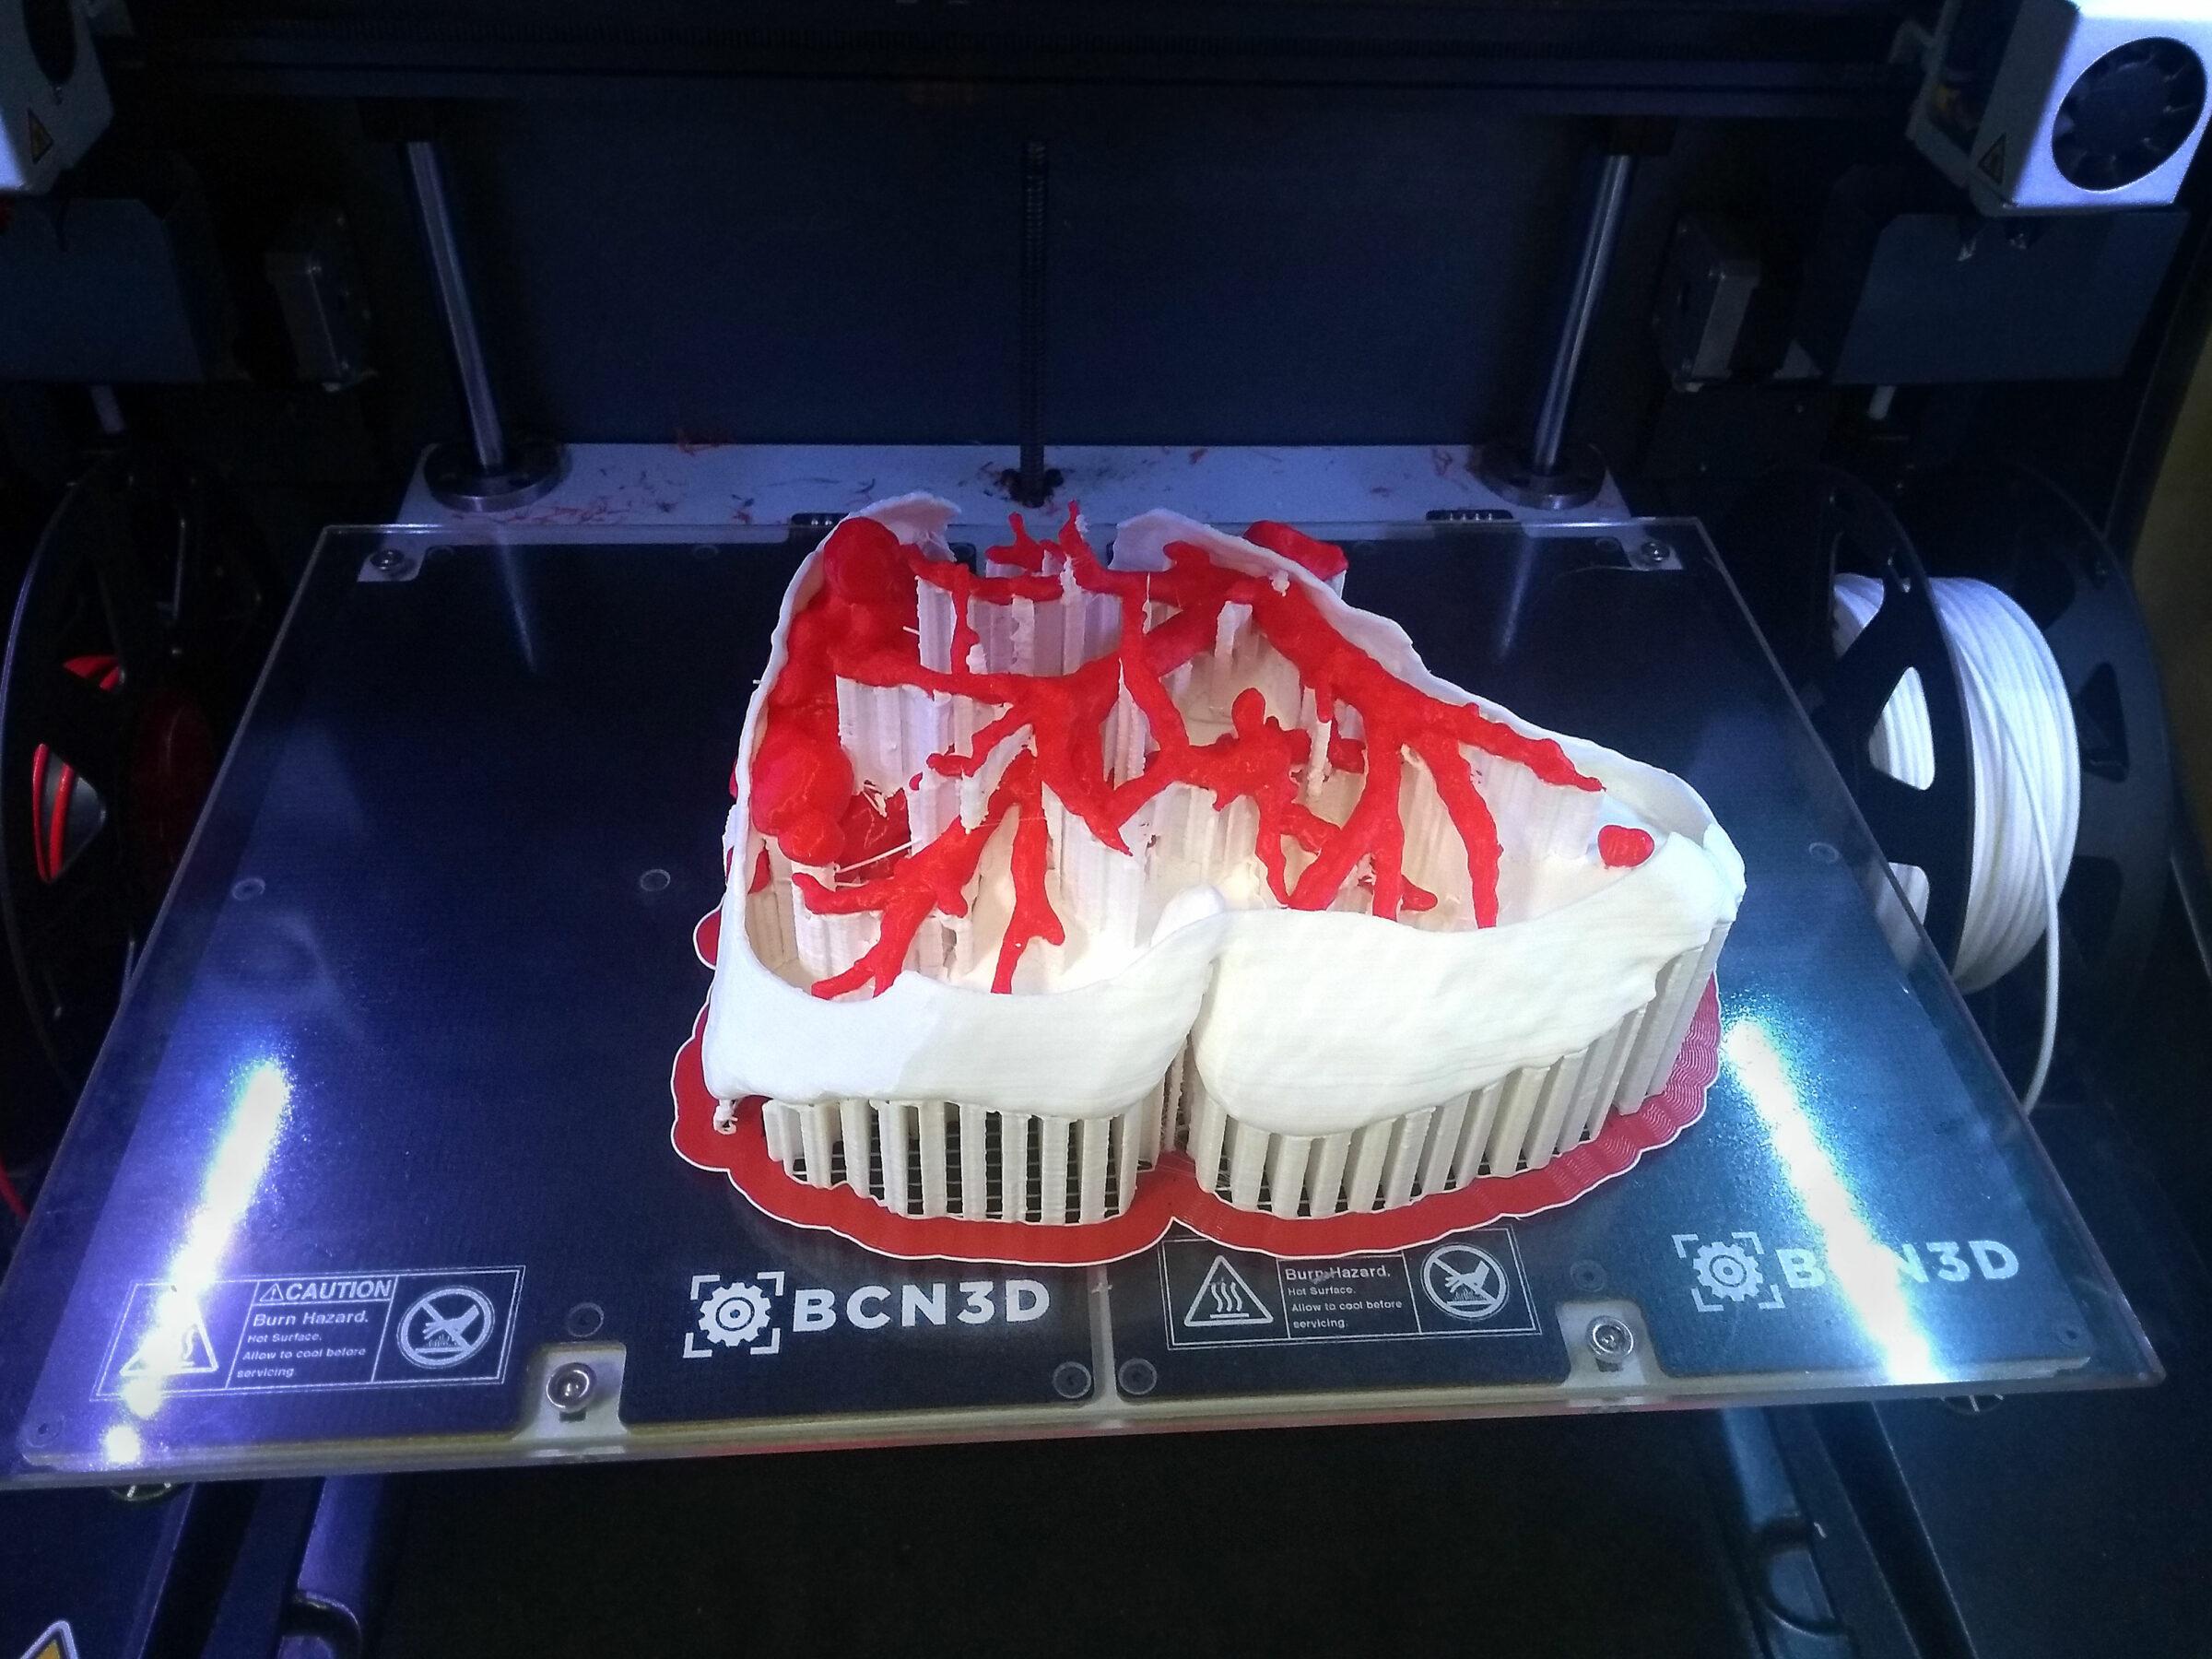 Biomodel printing